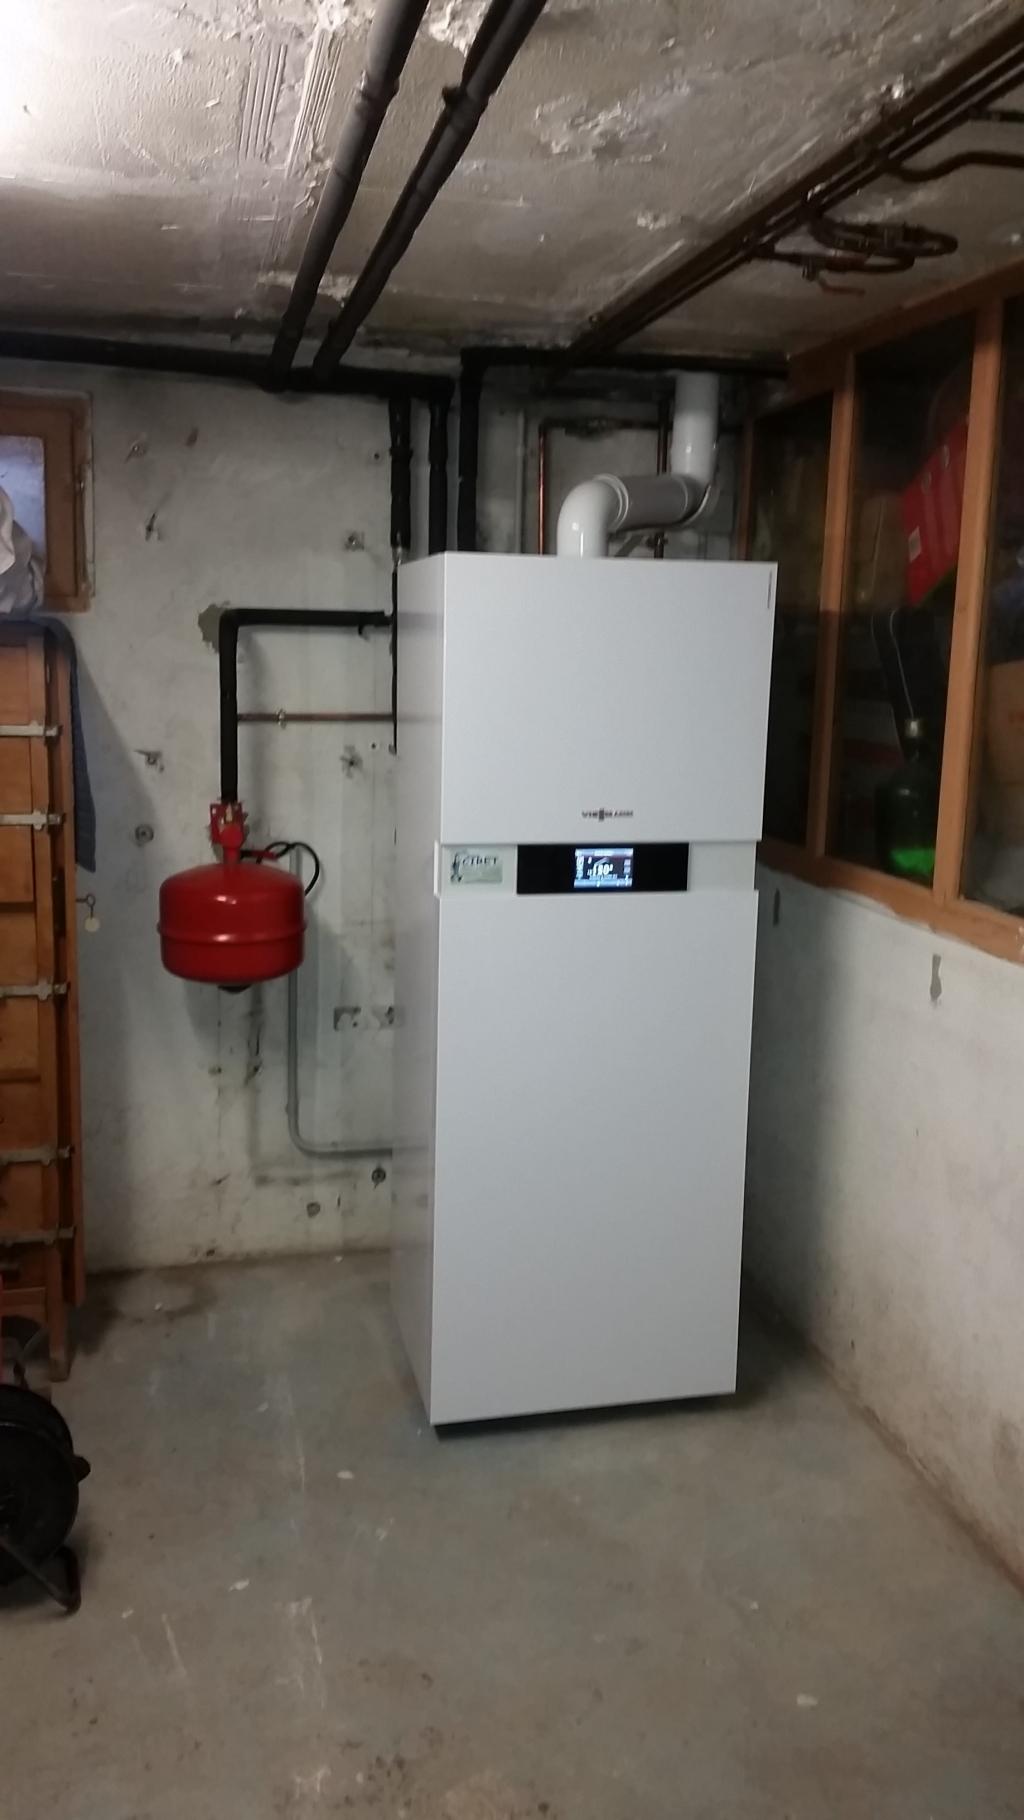 changement de la vieille chaudi232re gaz par une chaudi232re